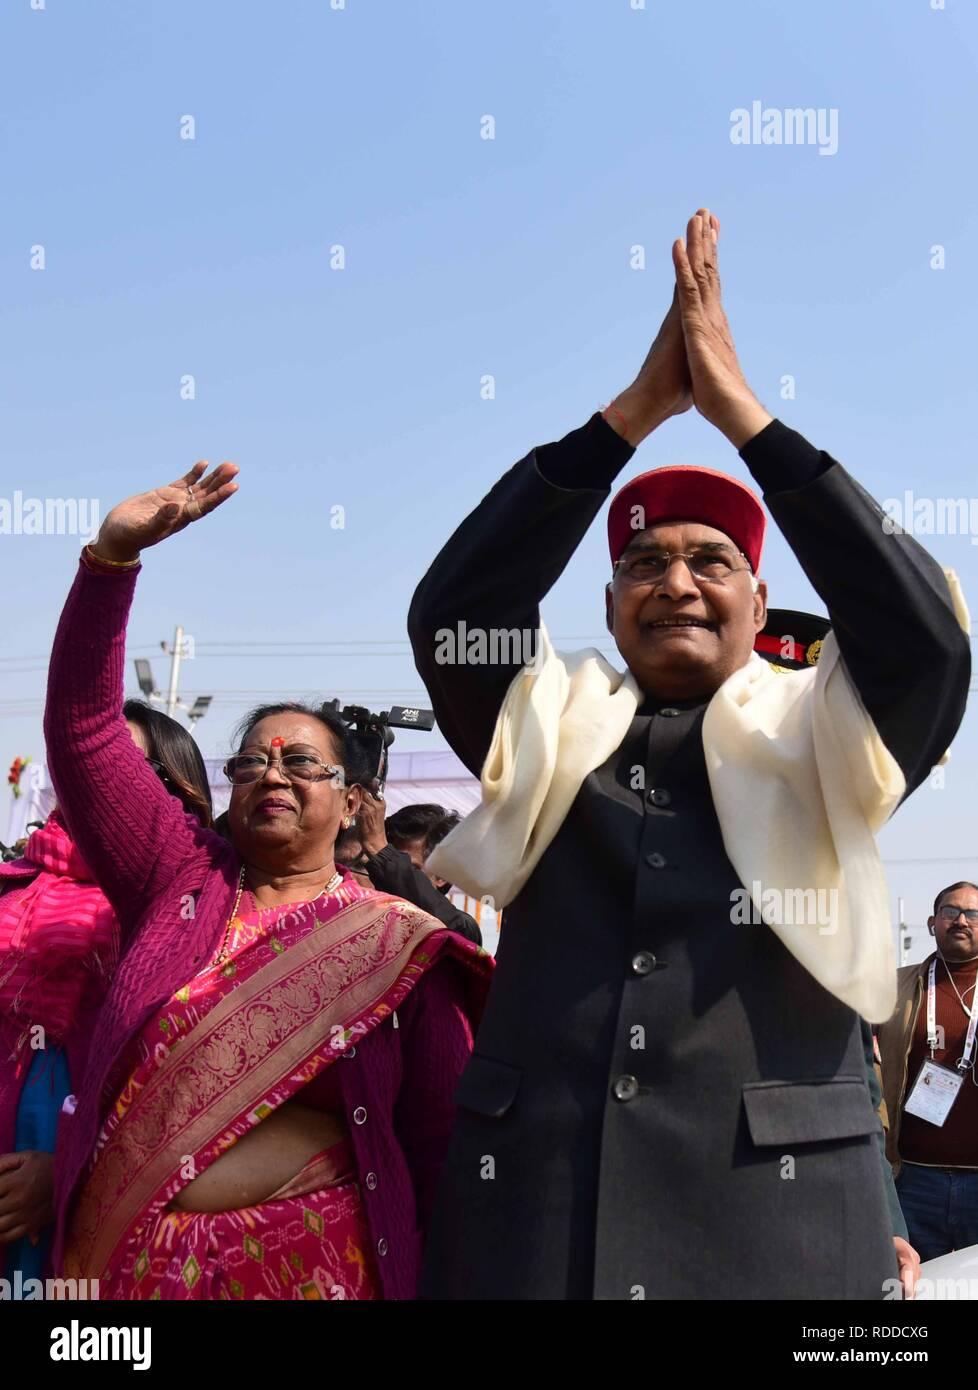 Allahabad, Uttar Pradesh, Inde. 17 Jan, 2019. Le Président de l'Inde KOVIND RAM NATH et sa femme vague comme ils sont arrivés à Sangam pour Ganga Pujan à Allahabad pendant Kumbh Mela. Credit: Prabhat Kumar Verma/ZUMA/Alamy Fil Live News Banque D'Images